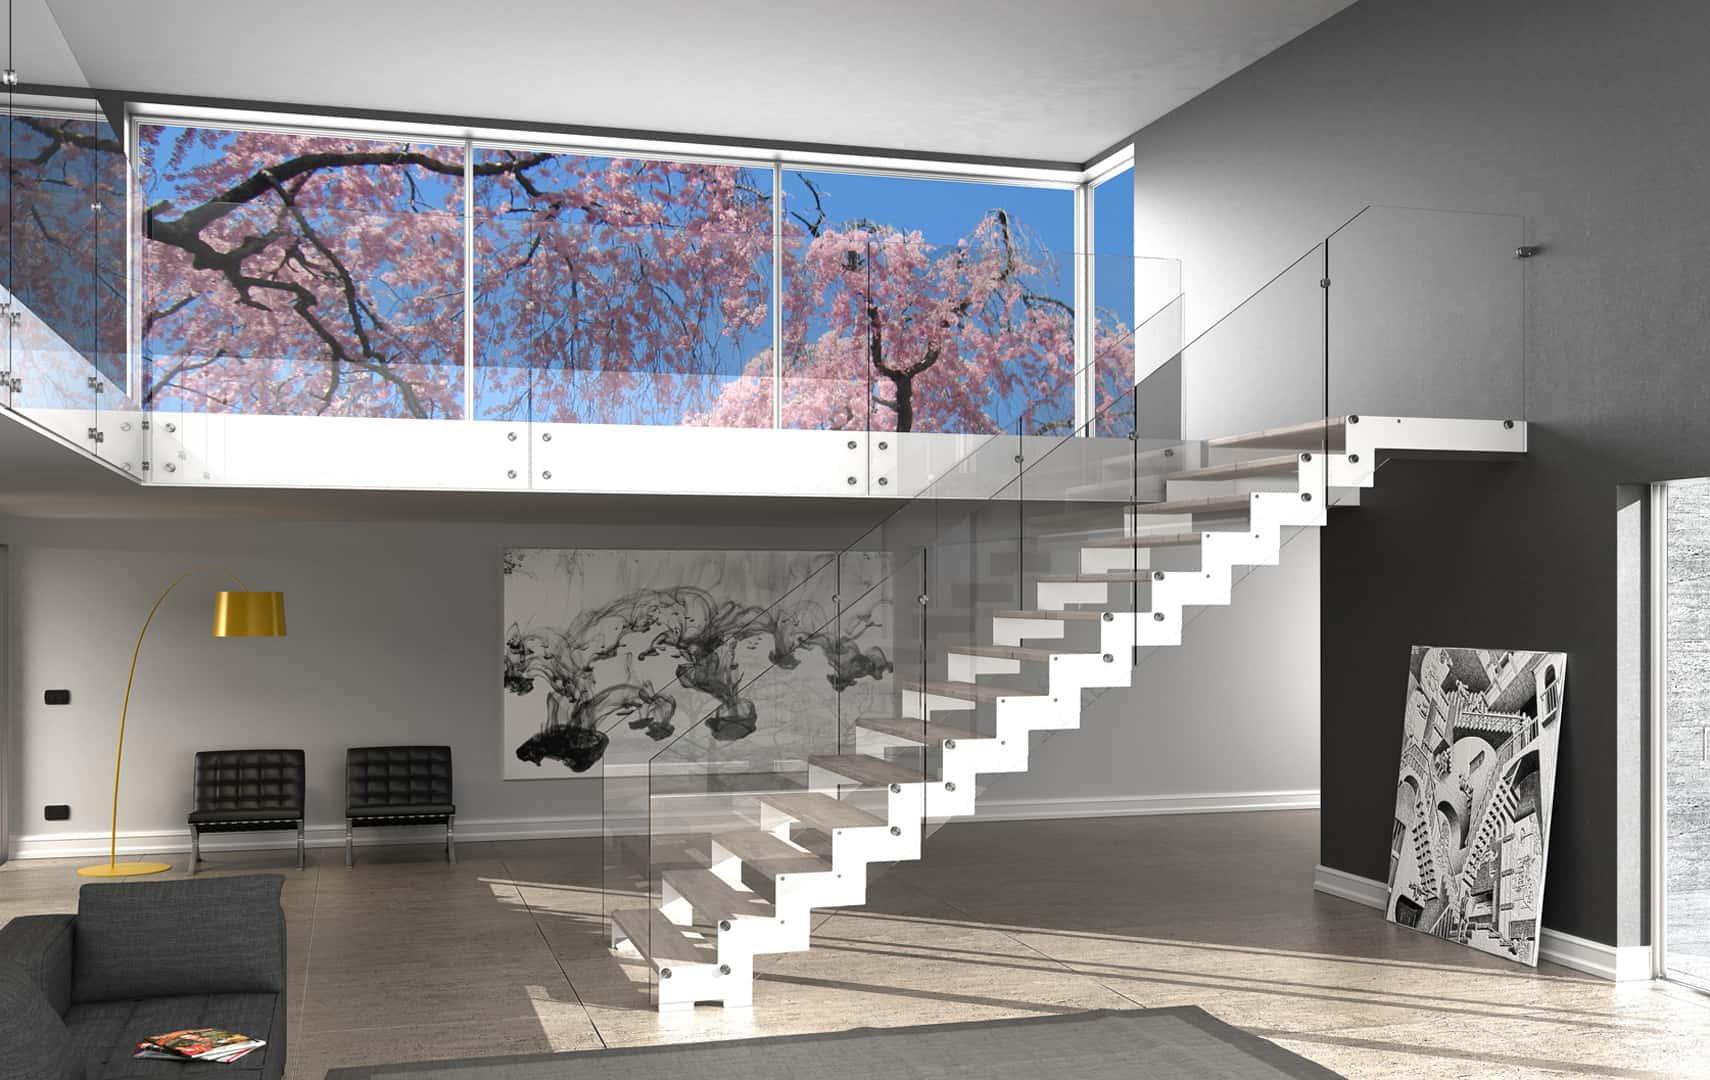 Parapetti Per Scale Interne ᐅ scale interne in vetro con ringhiera in vetro, parapetto